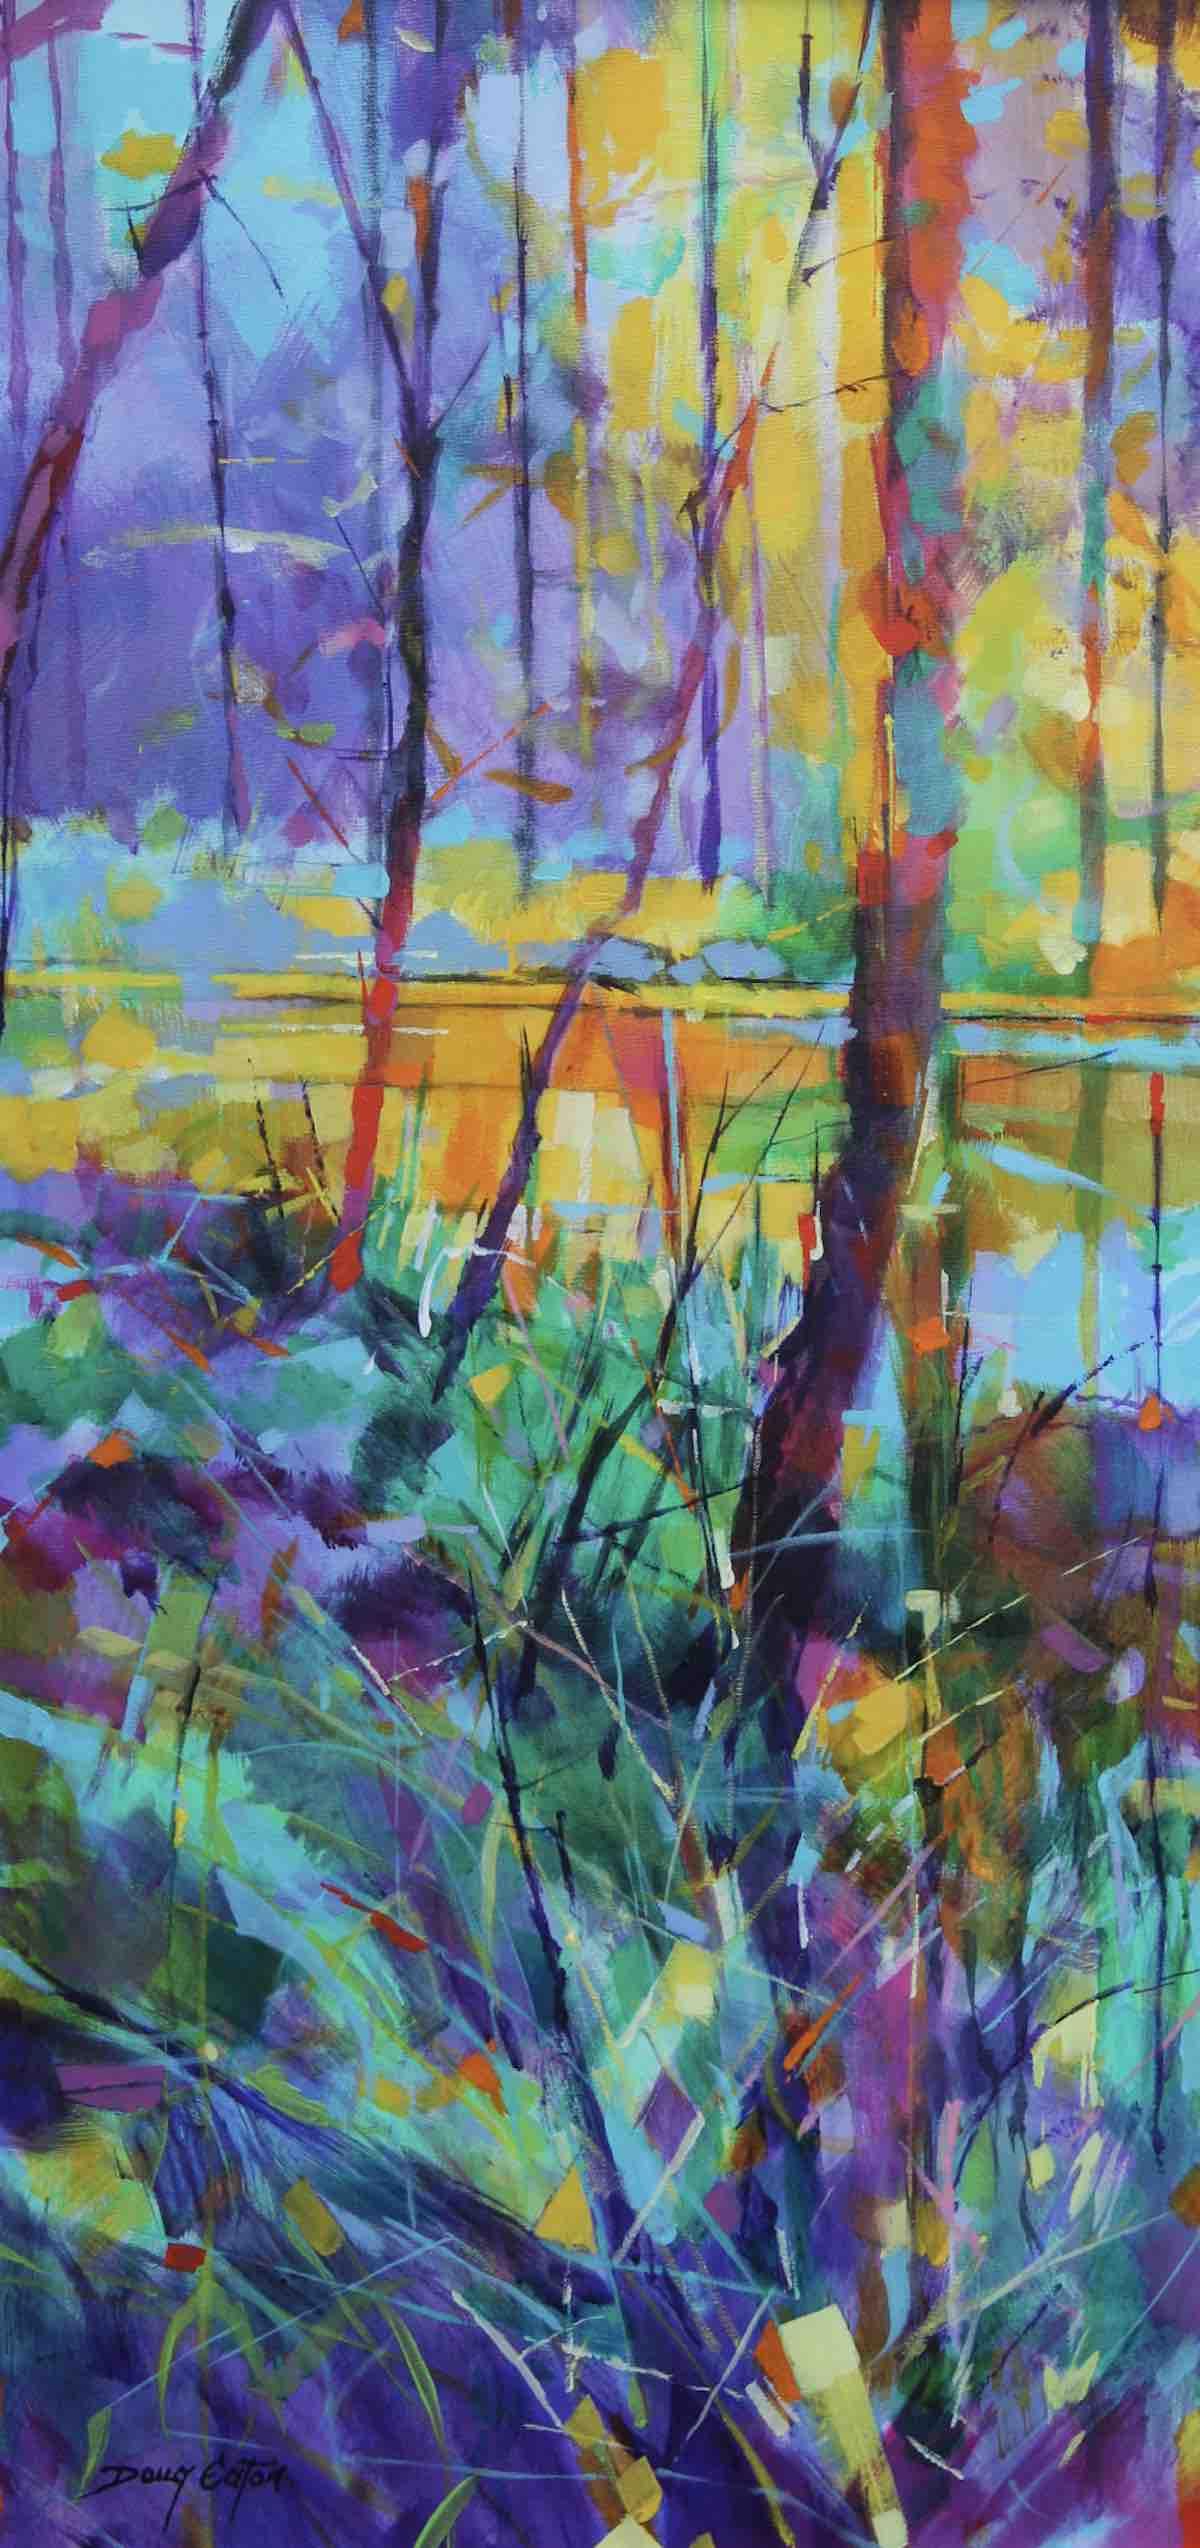 Exhibitions Doug Eaton